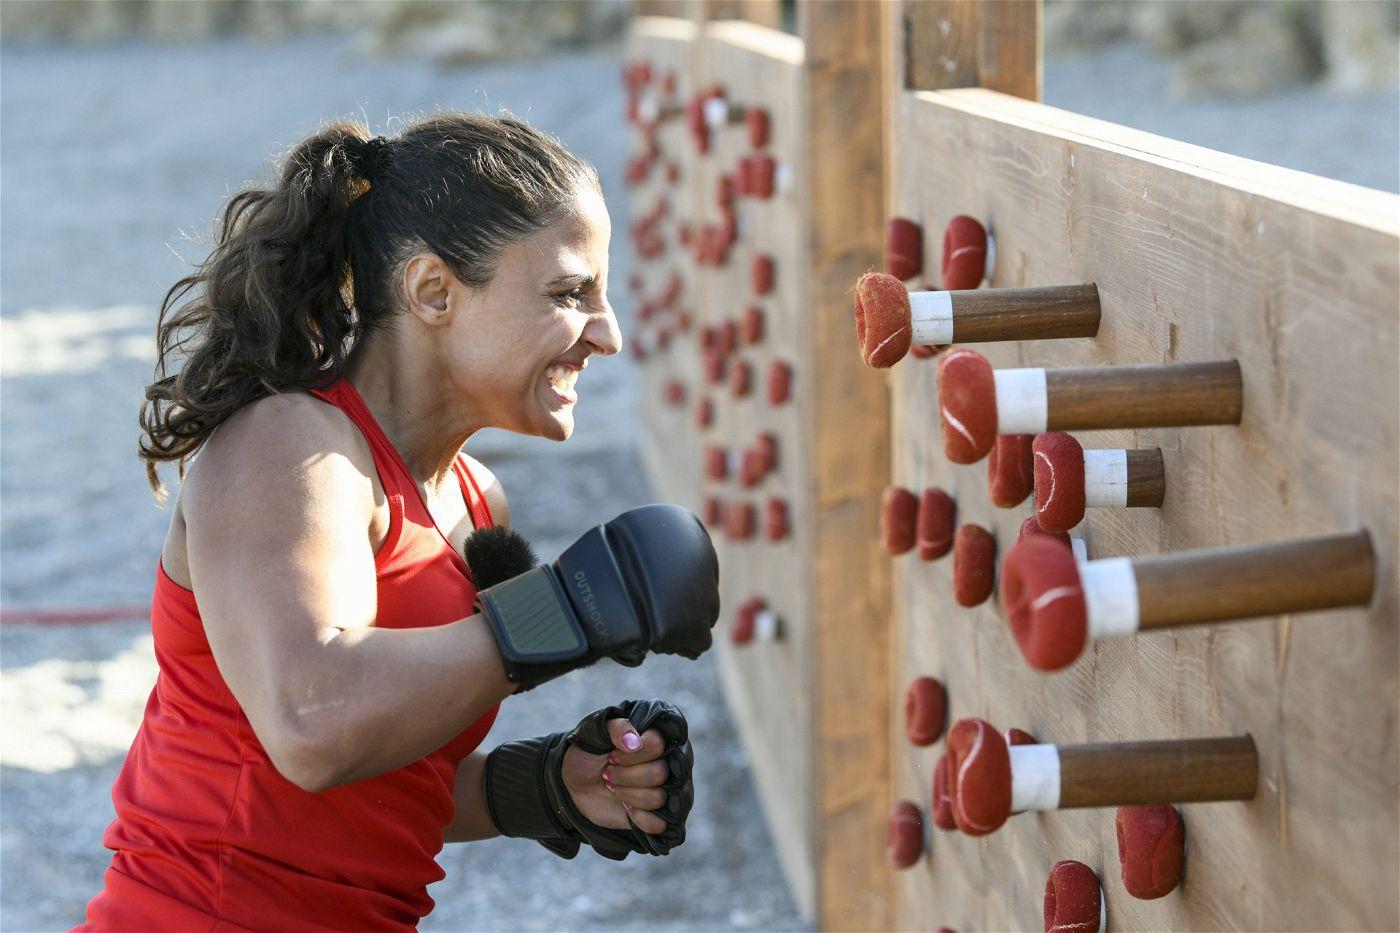 Susi Kentikian ist nur 1,55 Meter groß, aber ein echtes Kraftpaket. Sie wer mehrfach Weltmeisterin und gilt mit bis zu 300 Schlägen pro Minute als schnellste Boxerin der Welt. Geboren wurde sie in Armenien.